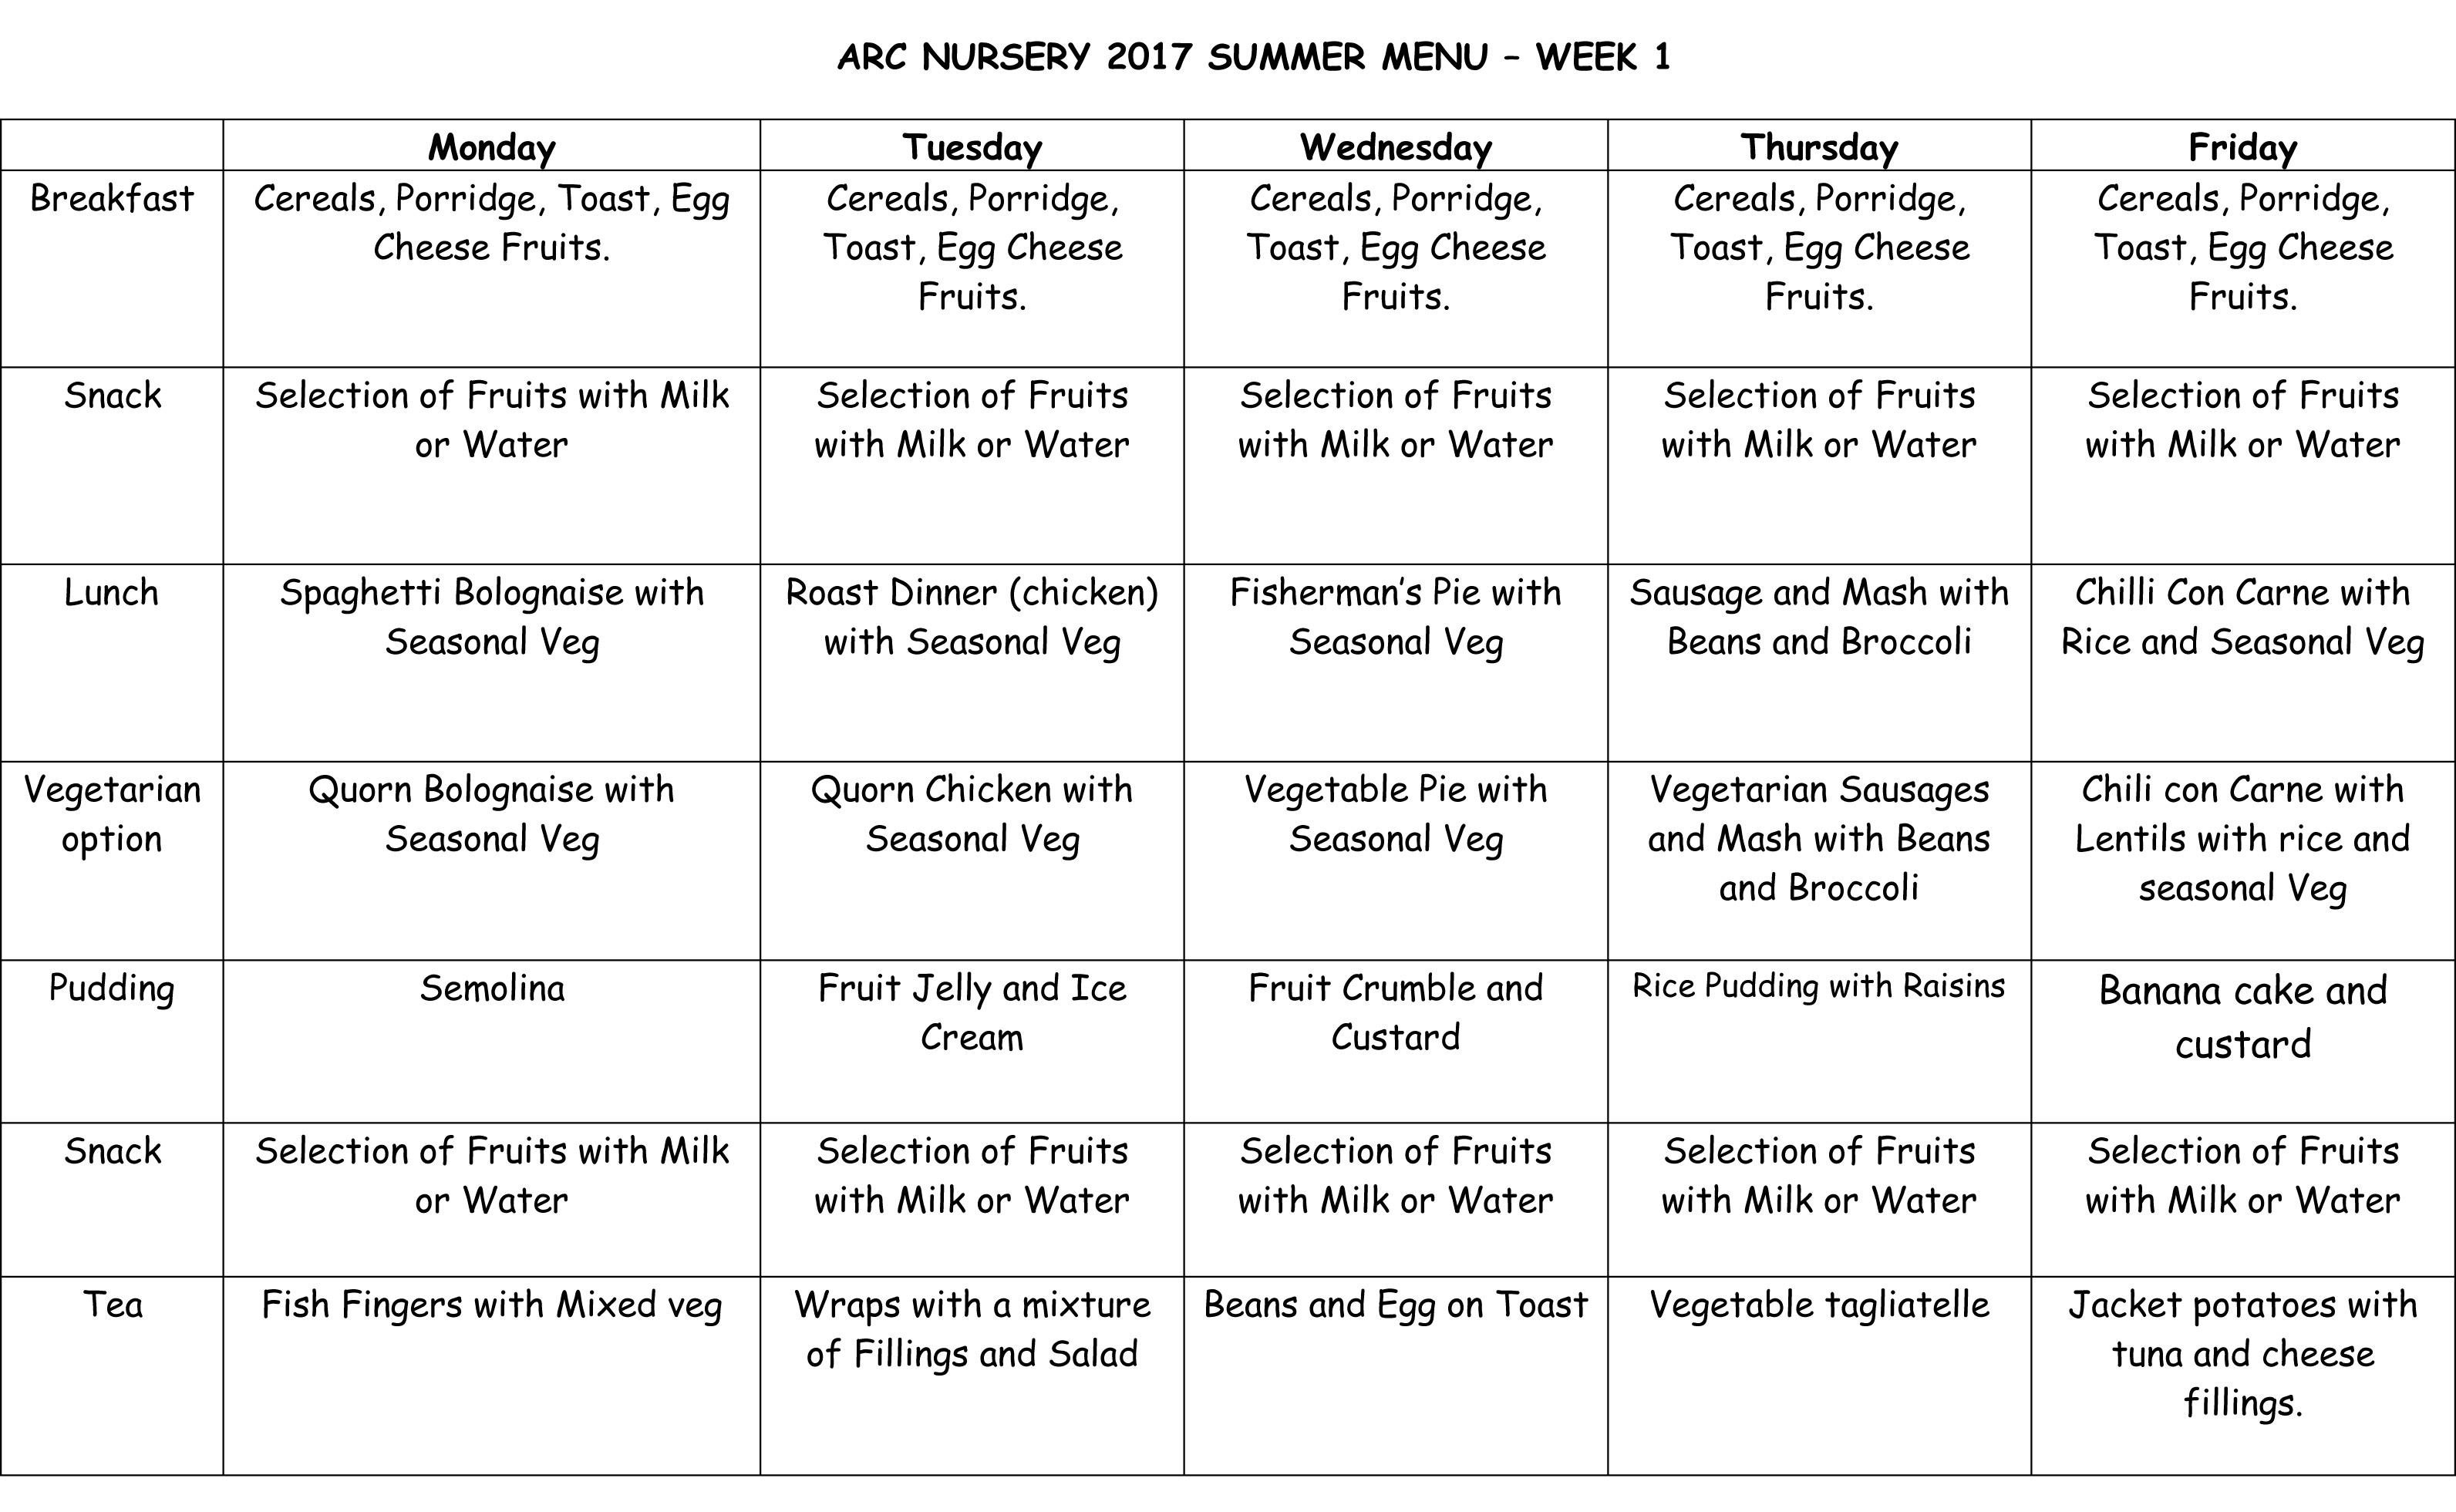 Arc Nursery 2017 Summer Menu - Week 1